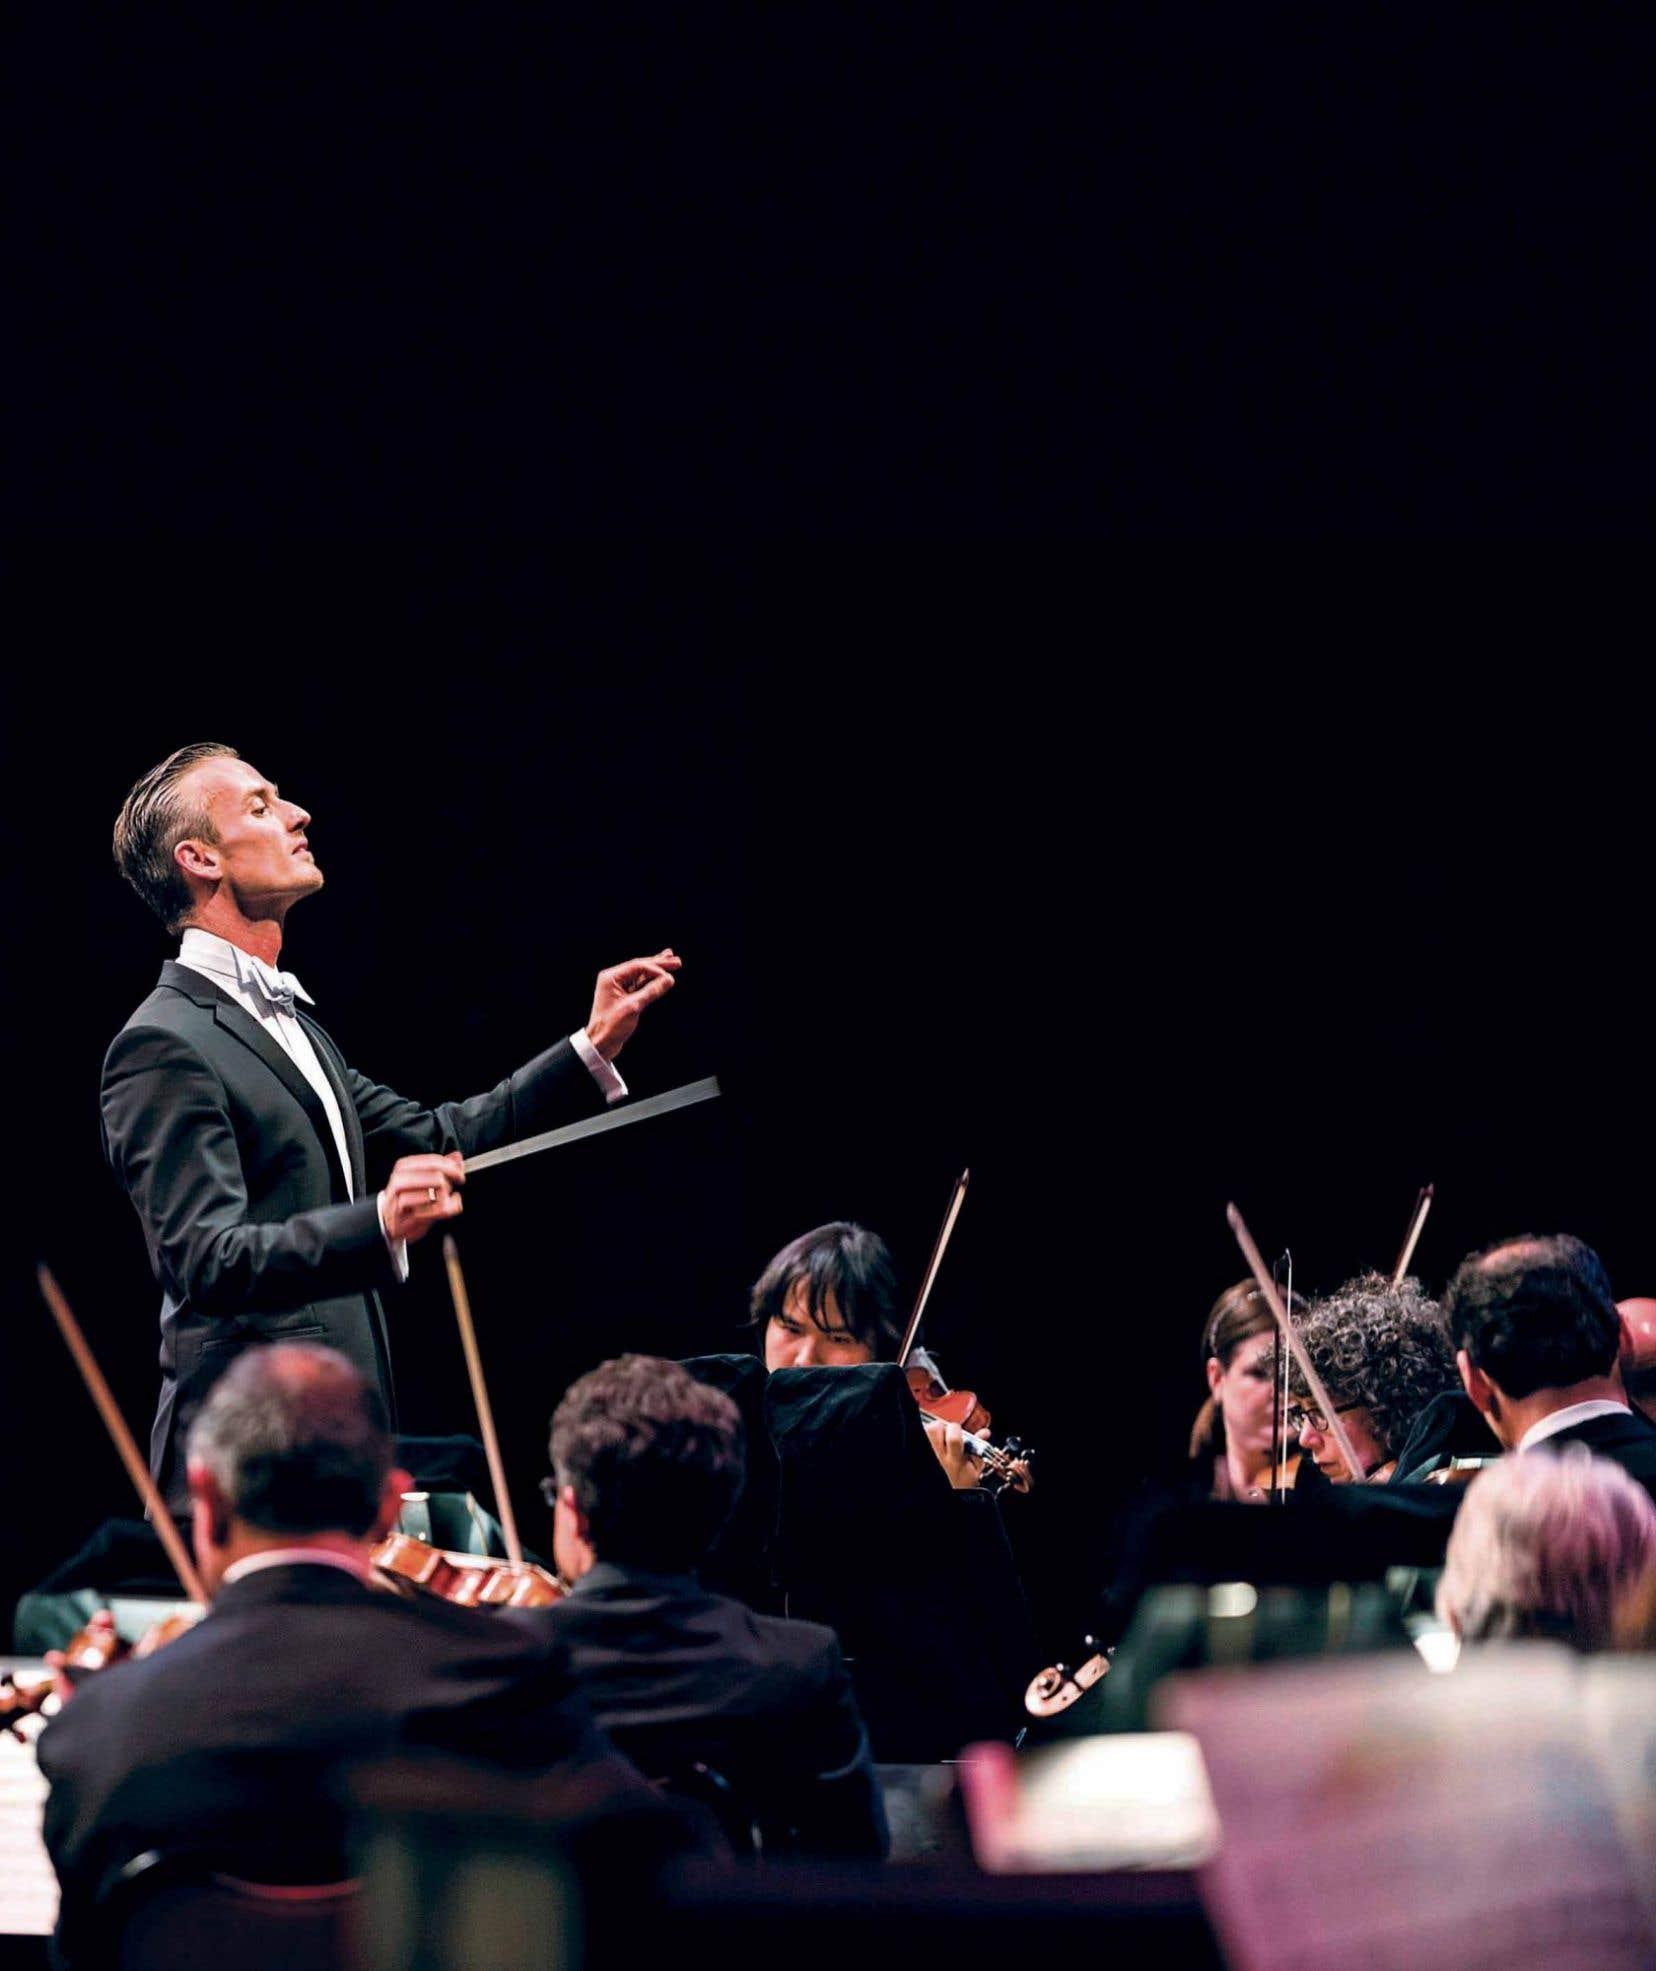 Alexander Shelley, nouveau chef de l'Orchestre du Centre national des arts, lors d'un concert en mai 2015